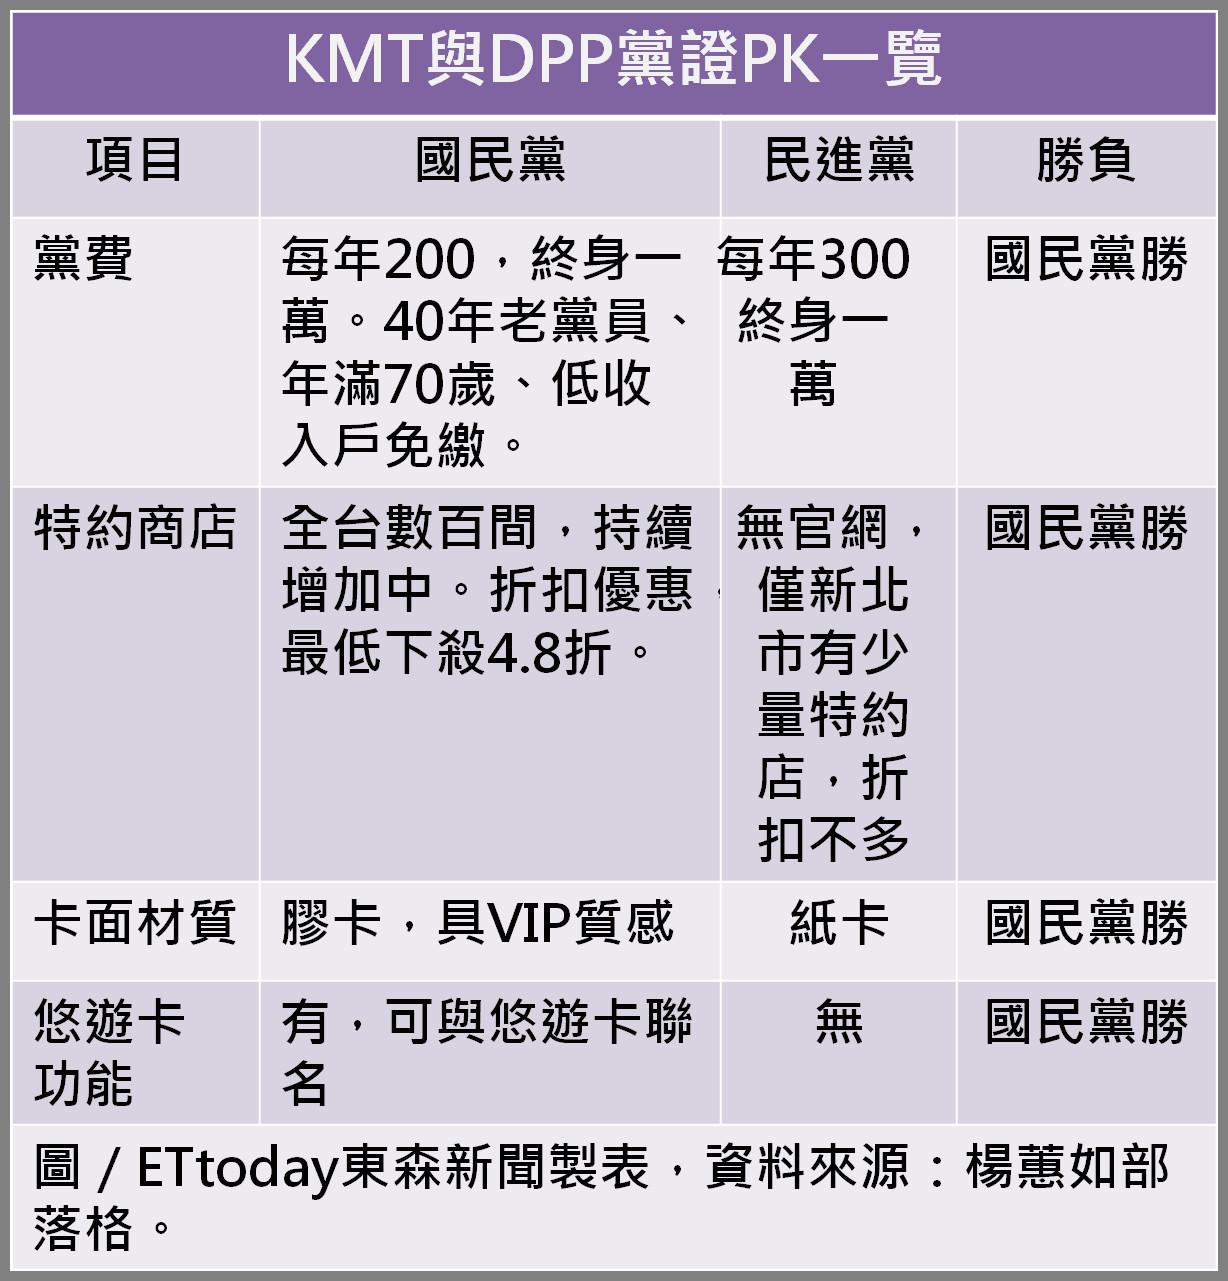 卡神,楊蕙如,國民黨黨證,民進黨,KMT,DPP,林益世,彭愛佳